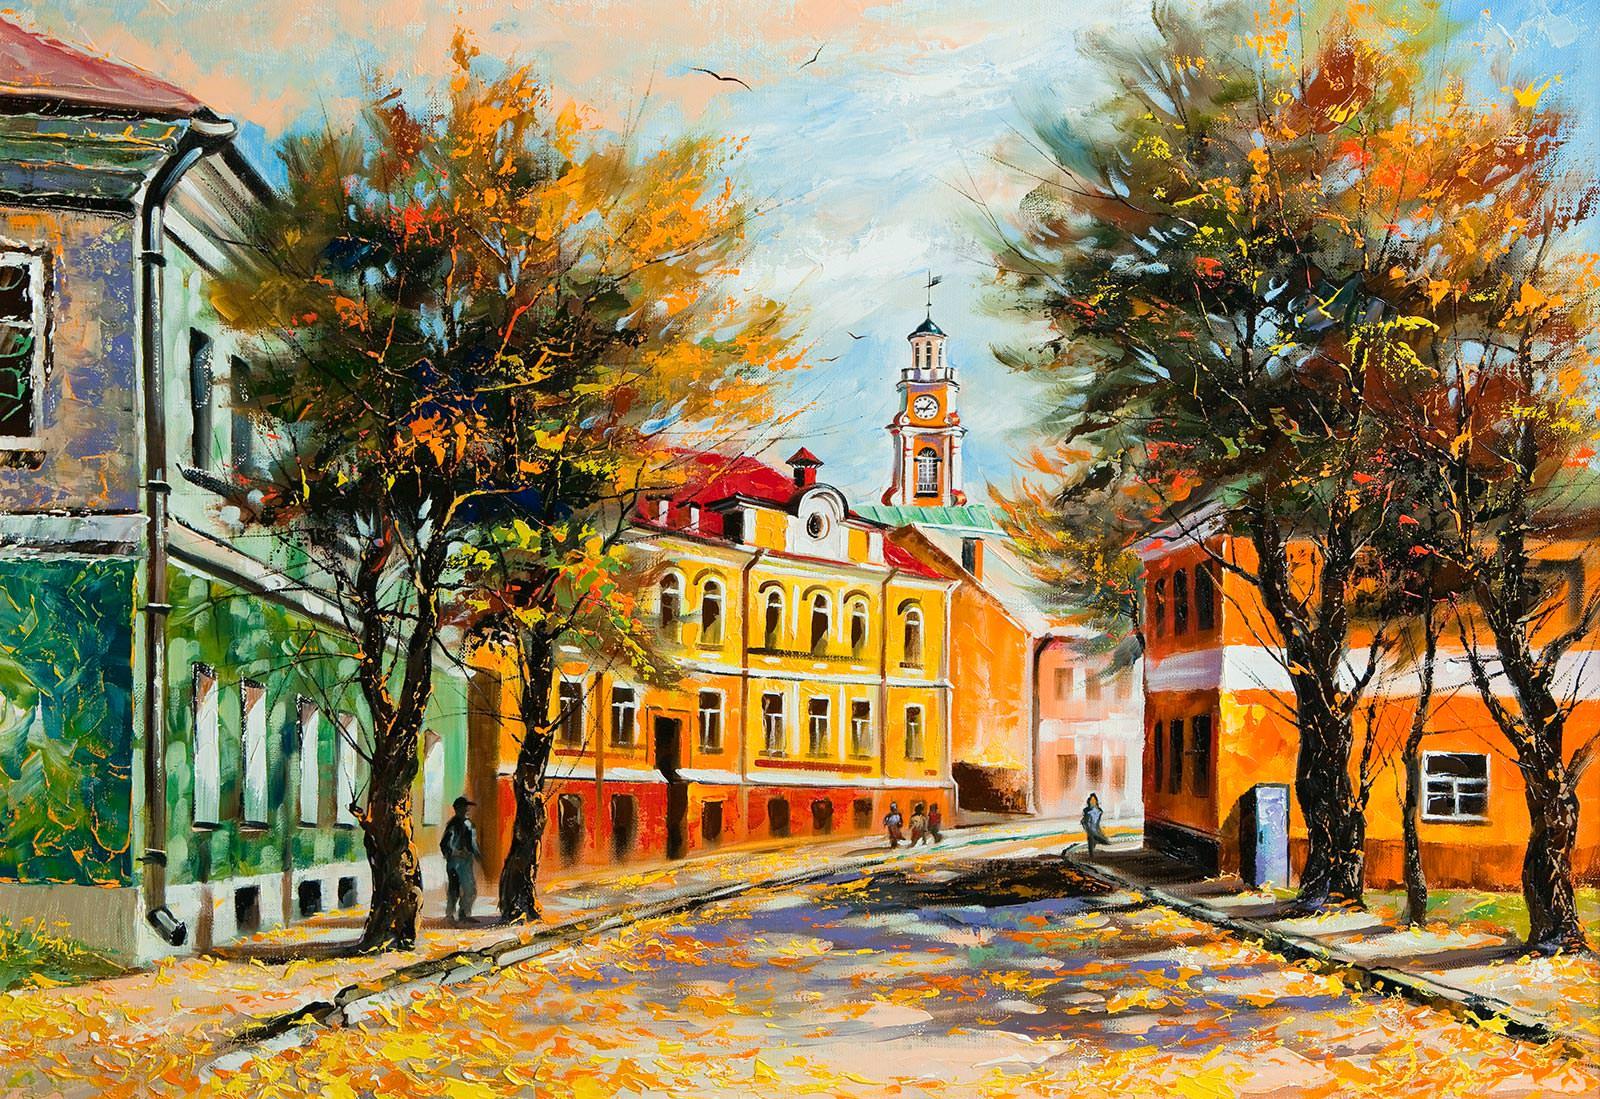 Осень в городе - Фотообои на заказ в интернет магазин arte ...